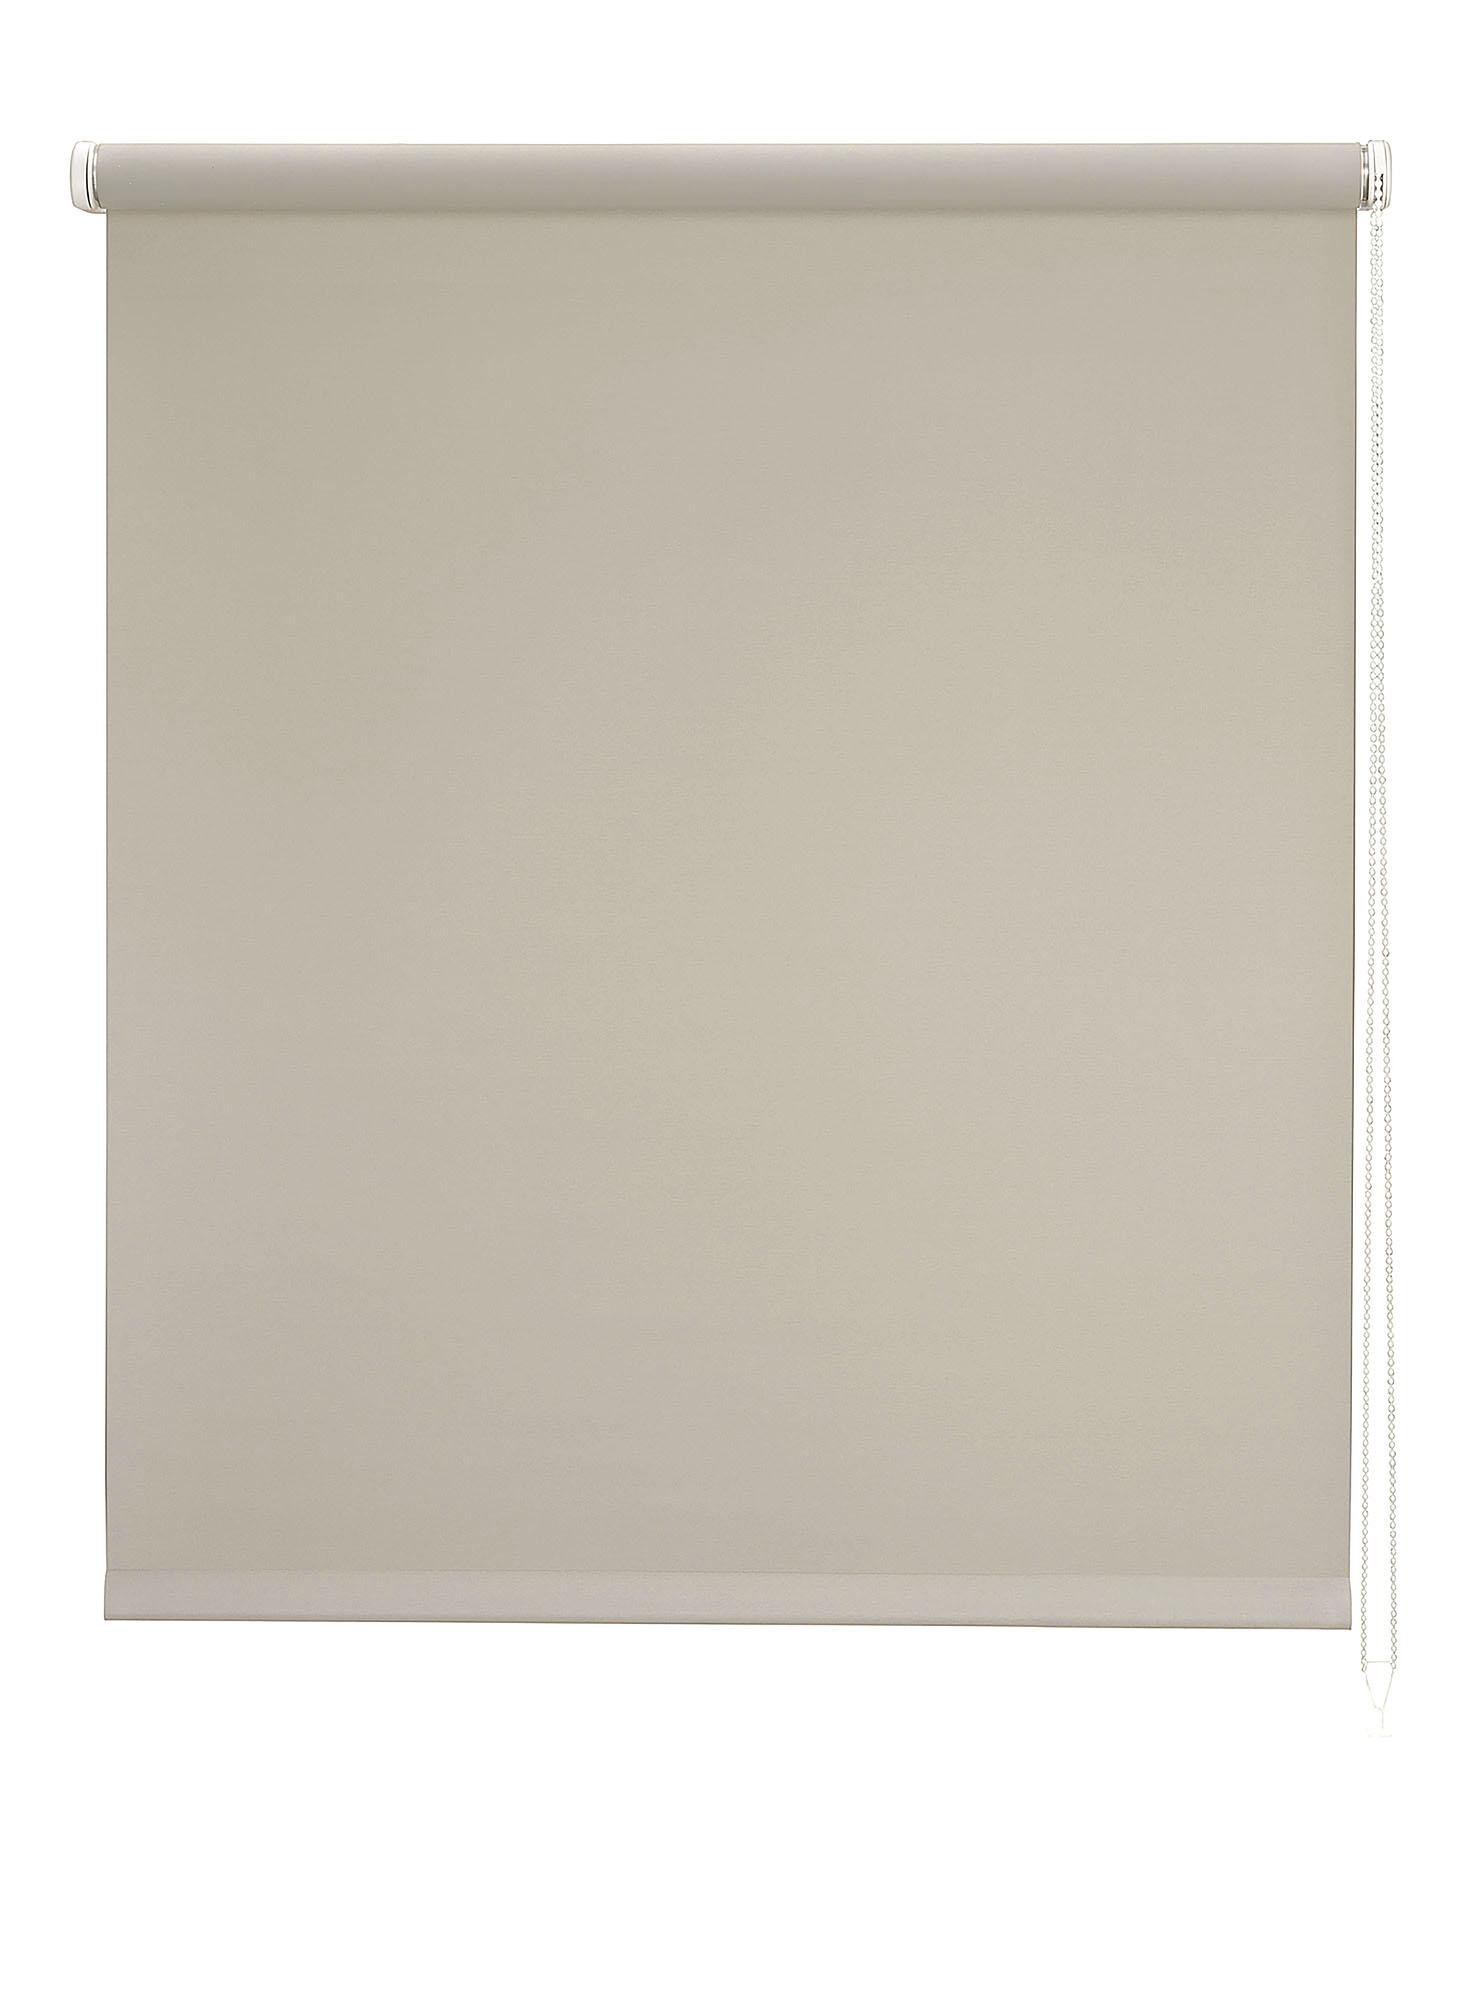 Store enrouleur Translucide - Beige - 180 x 250 cm